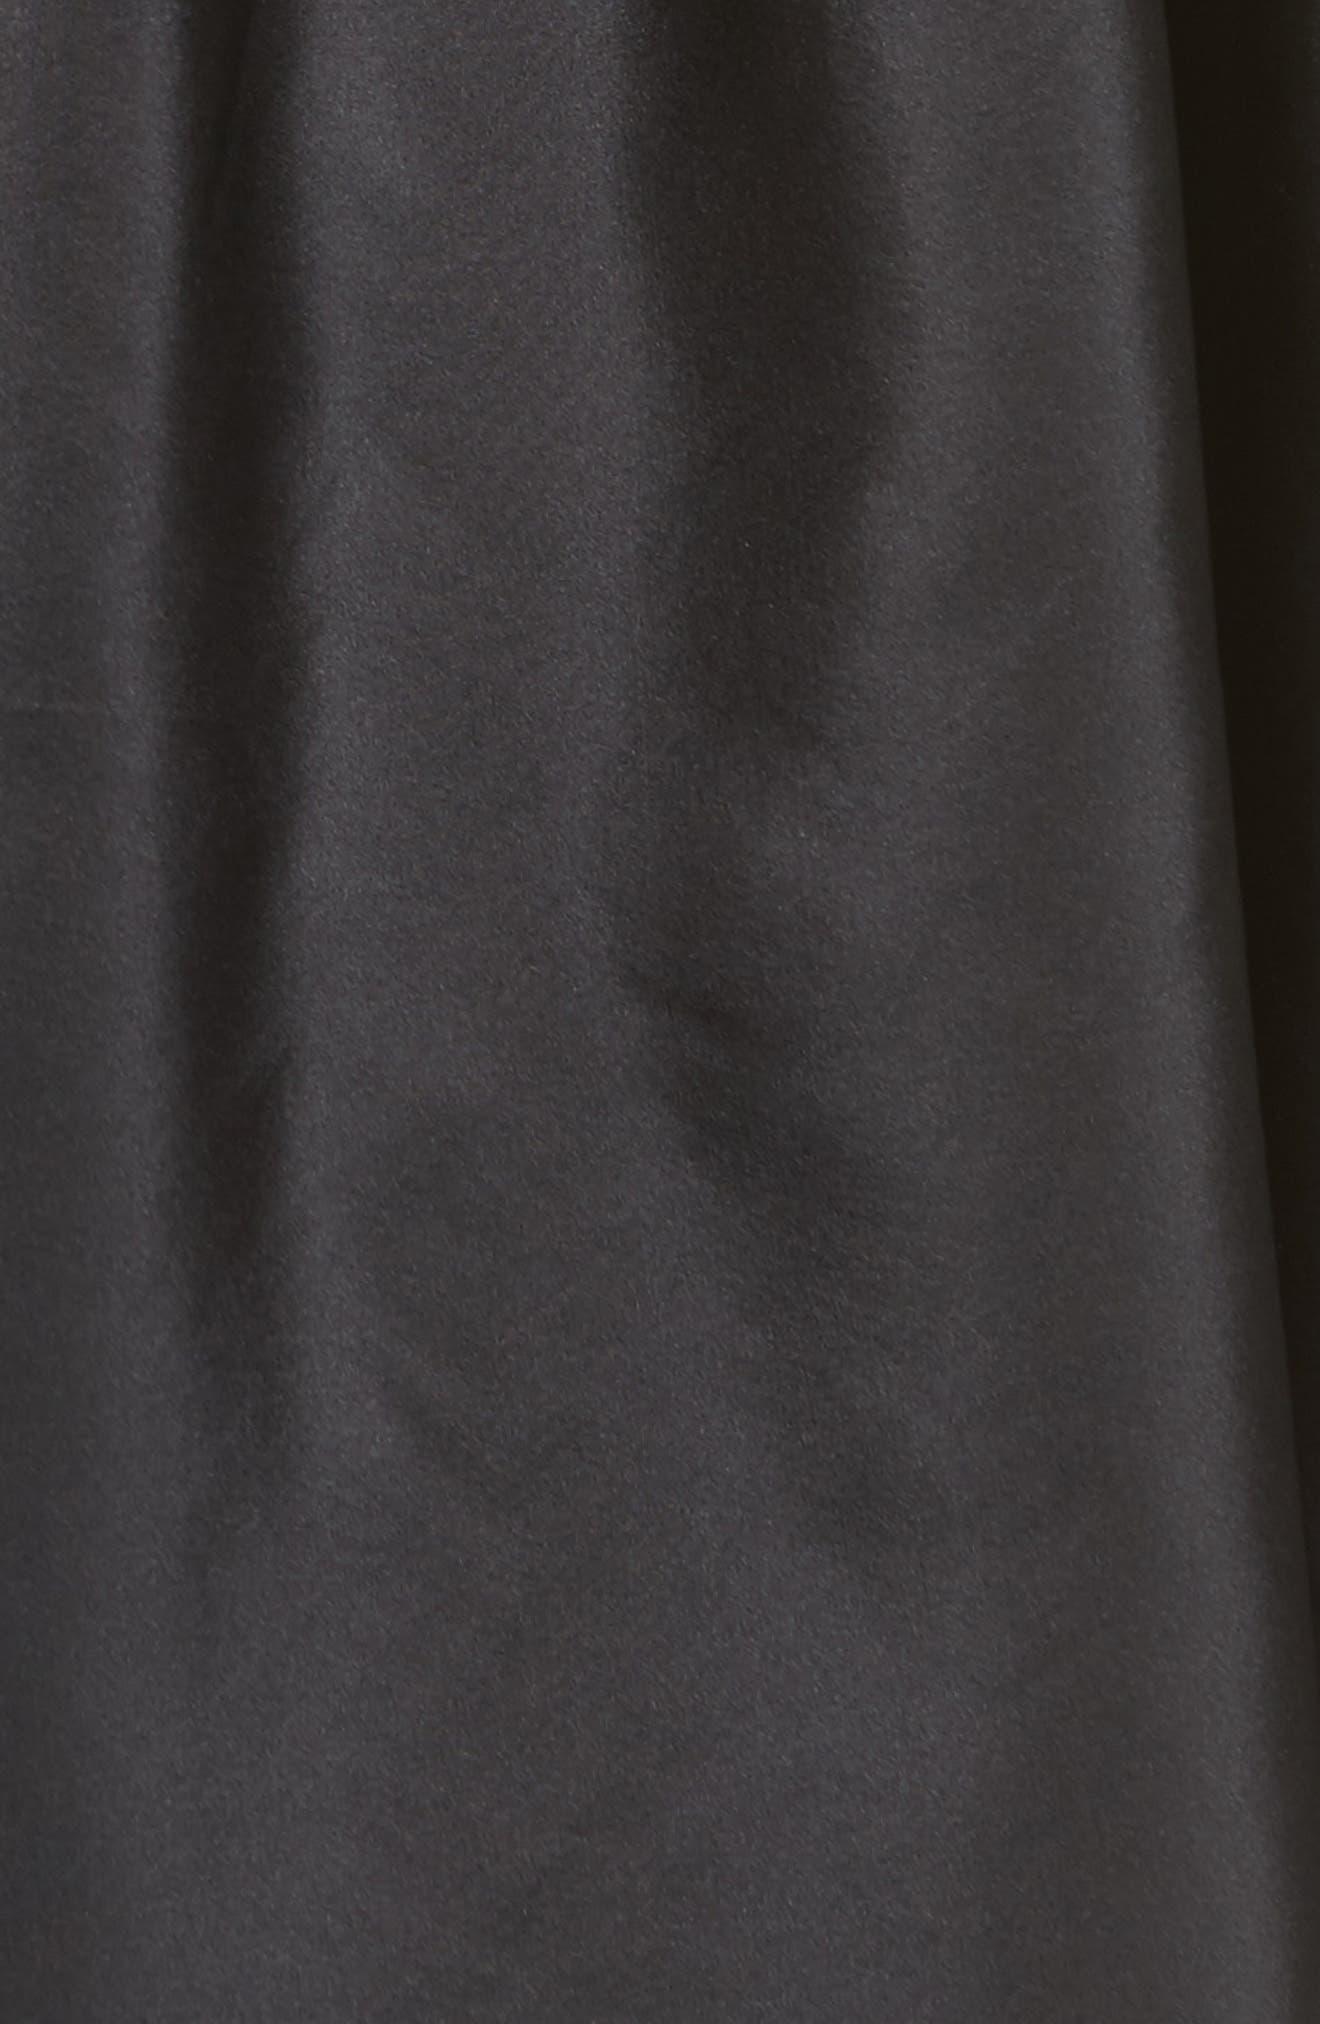 Belted Off the Shoulder Taffeta Dress,                             Alternate thumbnail 5, color,